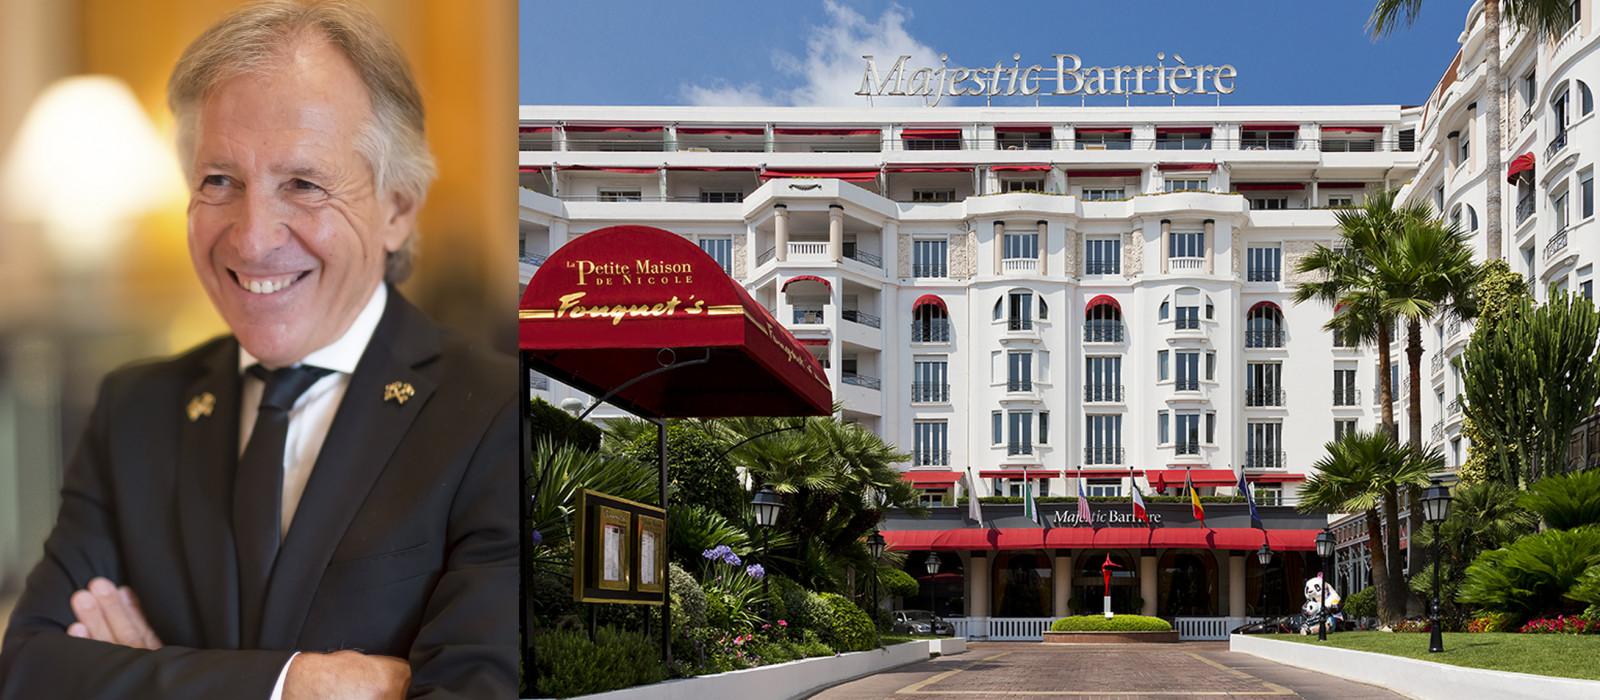 Cannes : les bonnes adresses de Roger Bastoni, concierge de l'Hôtel Barrière Le Majestic